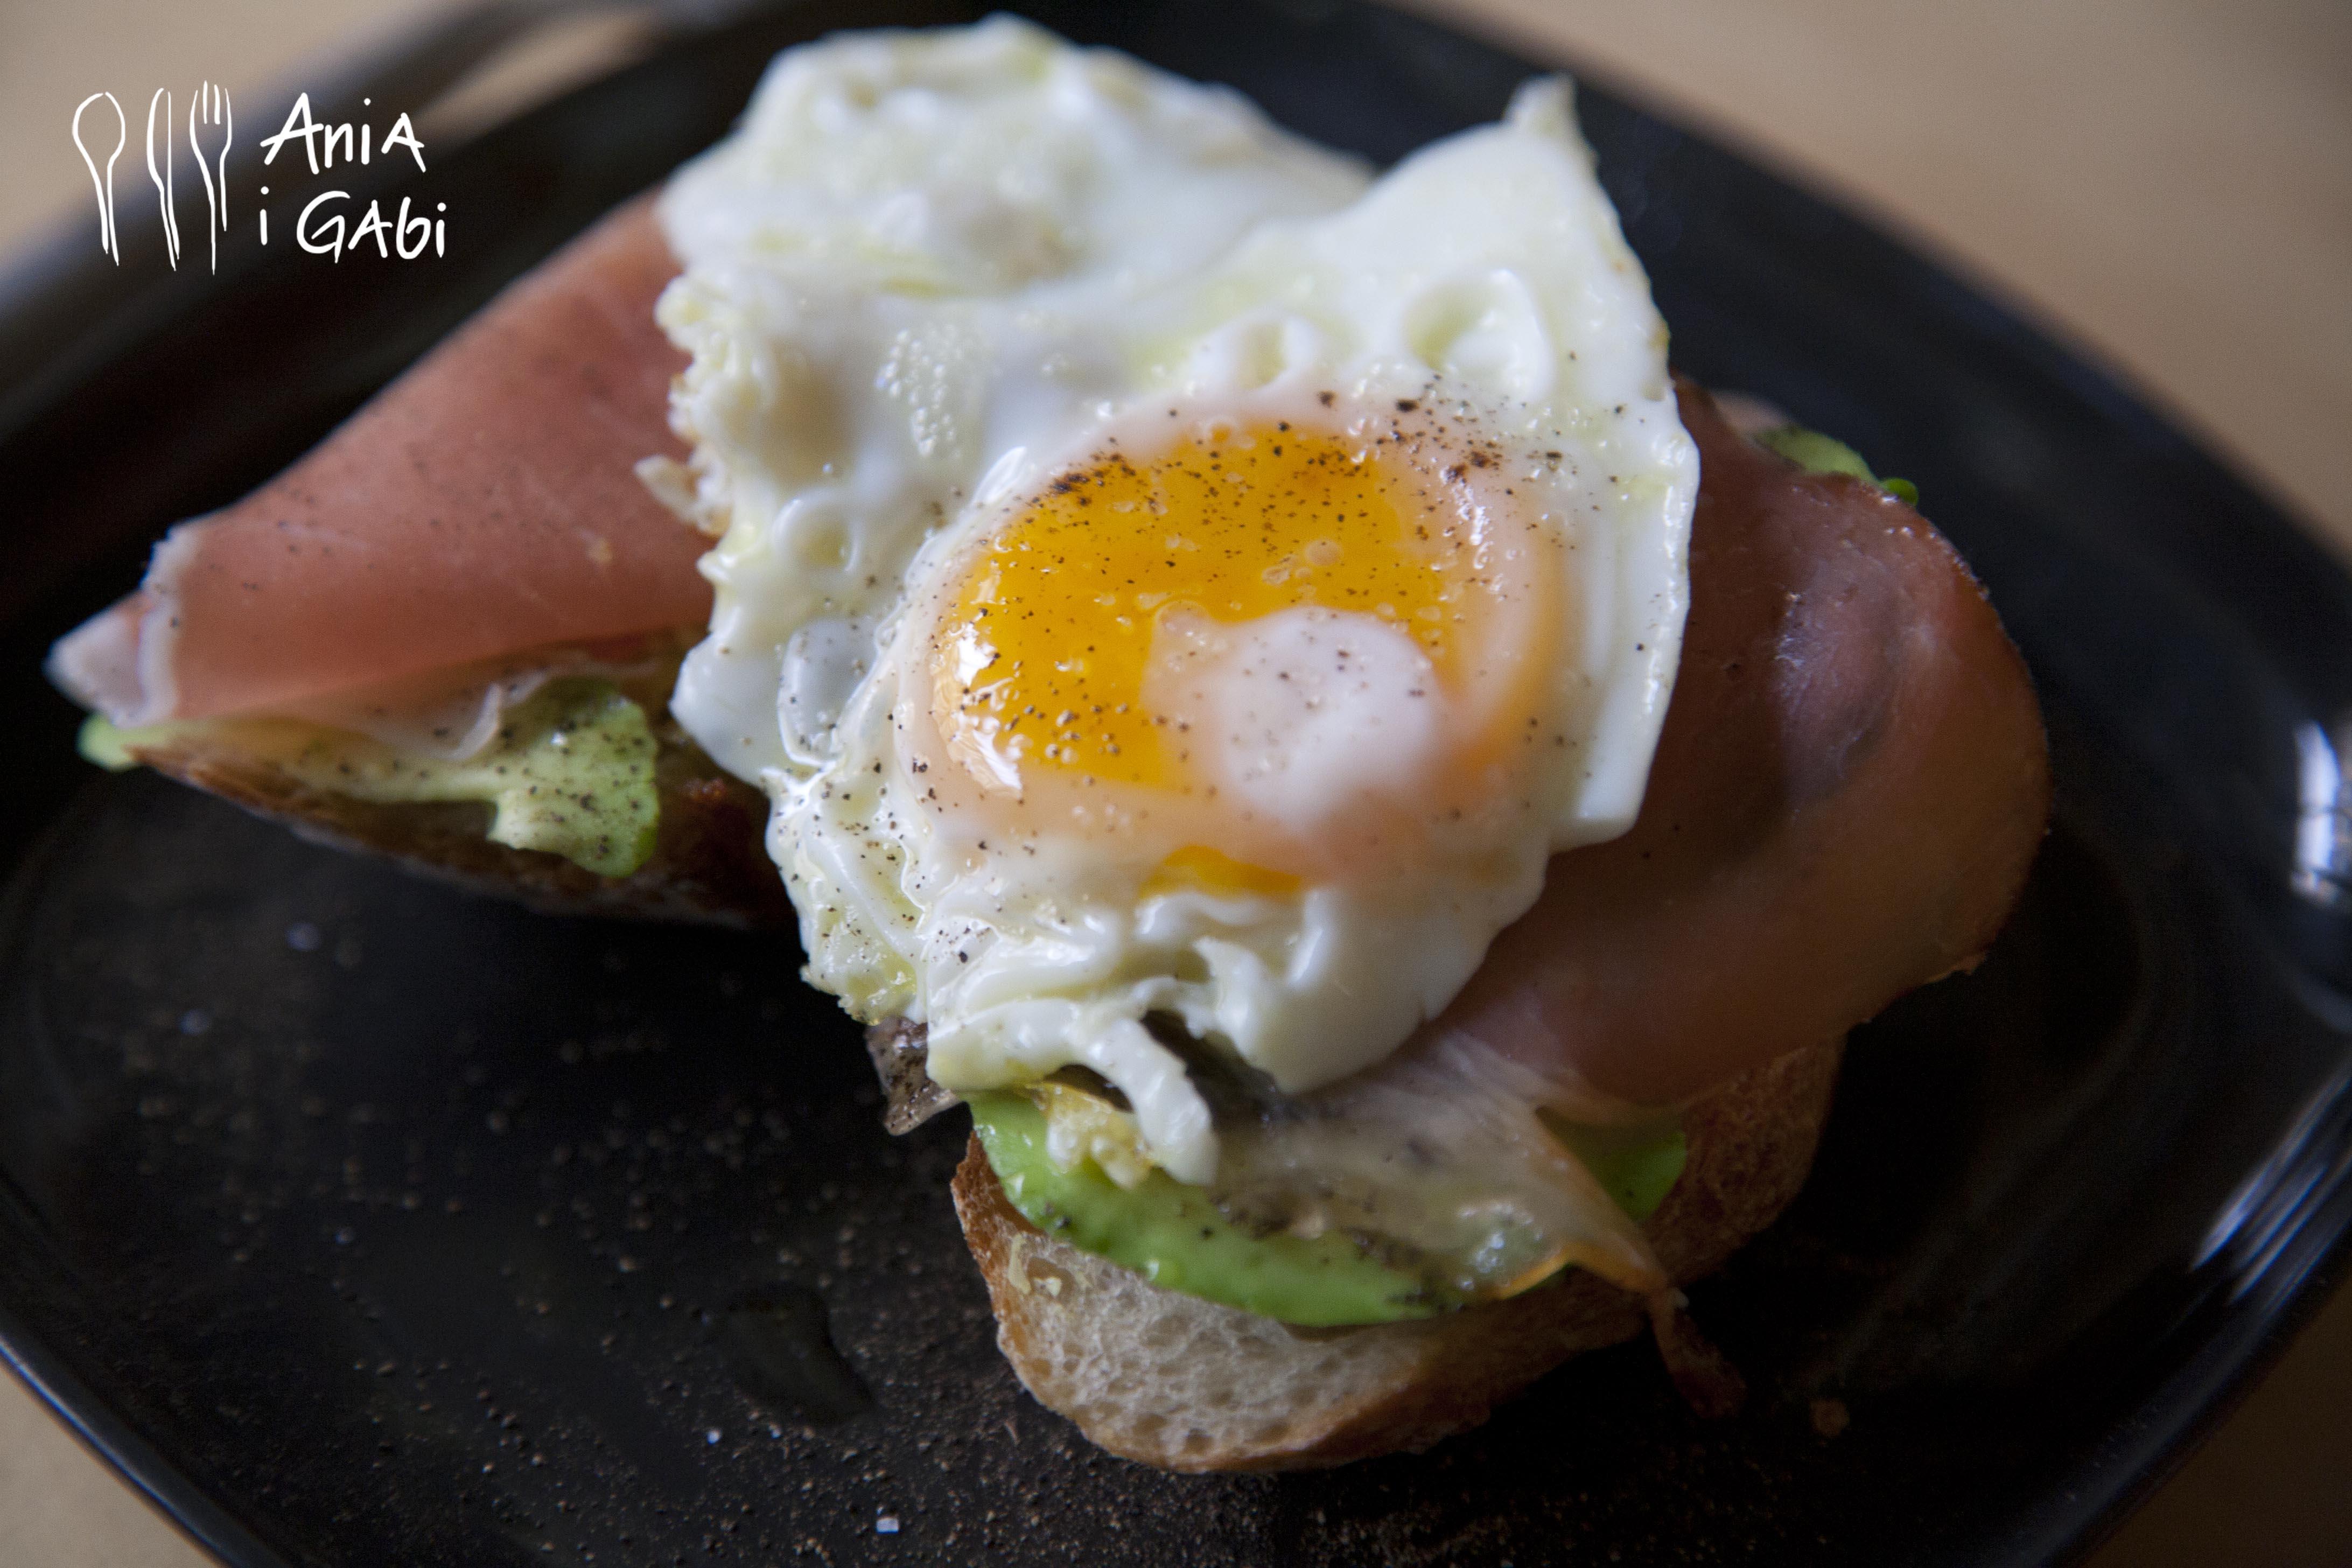 Śniadanie mistrzów według Ani